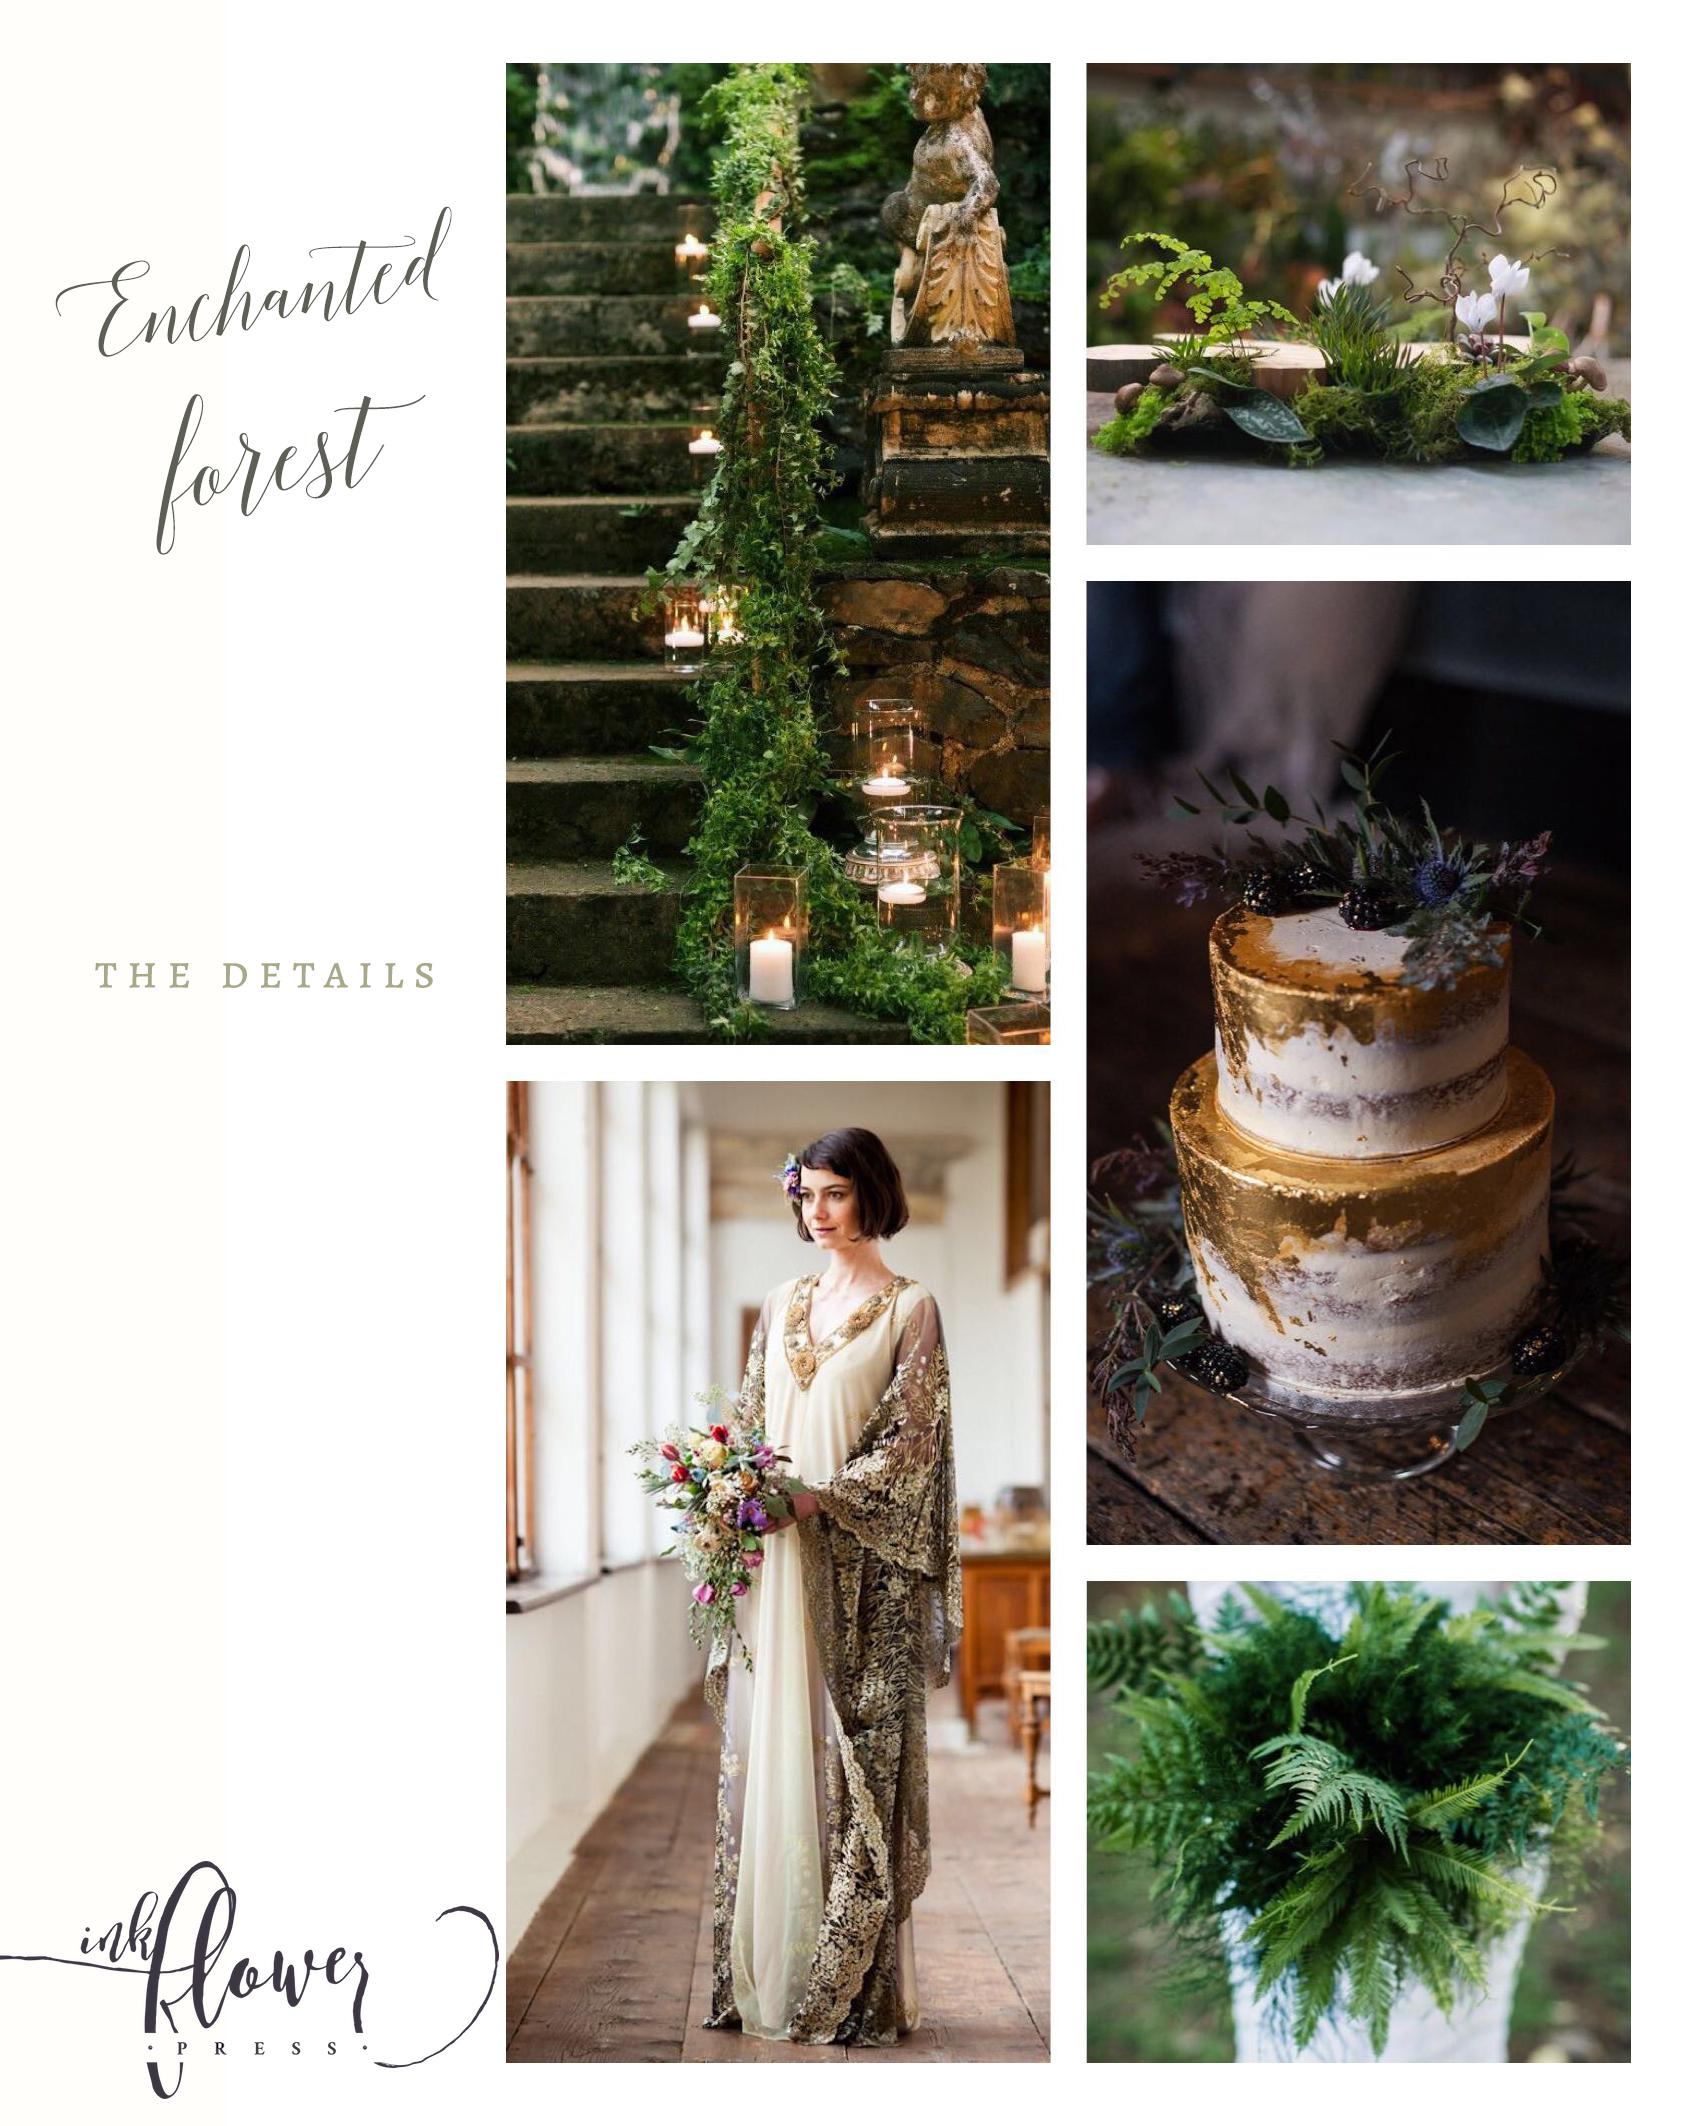 enchanted forest details.jpg